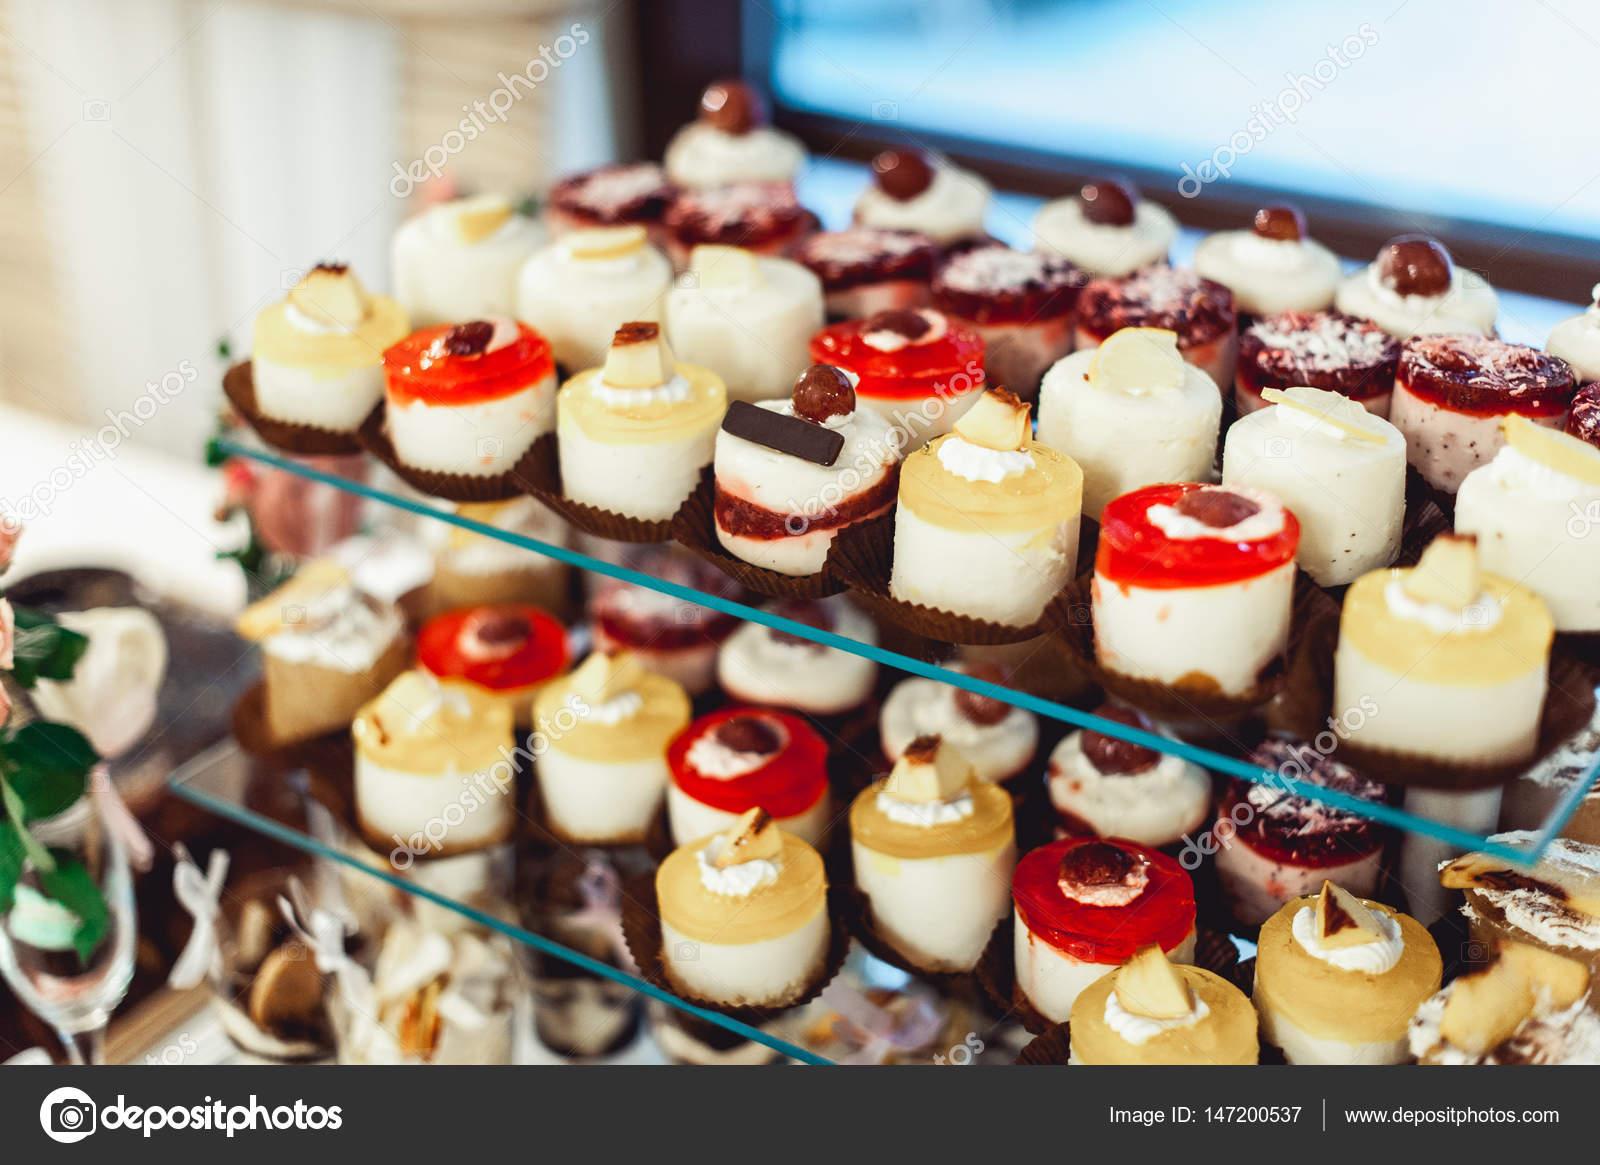 Buffet Di Dolci Mignon : Pasticceria mignon artigianale dire fare buffet